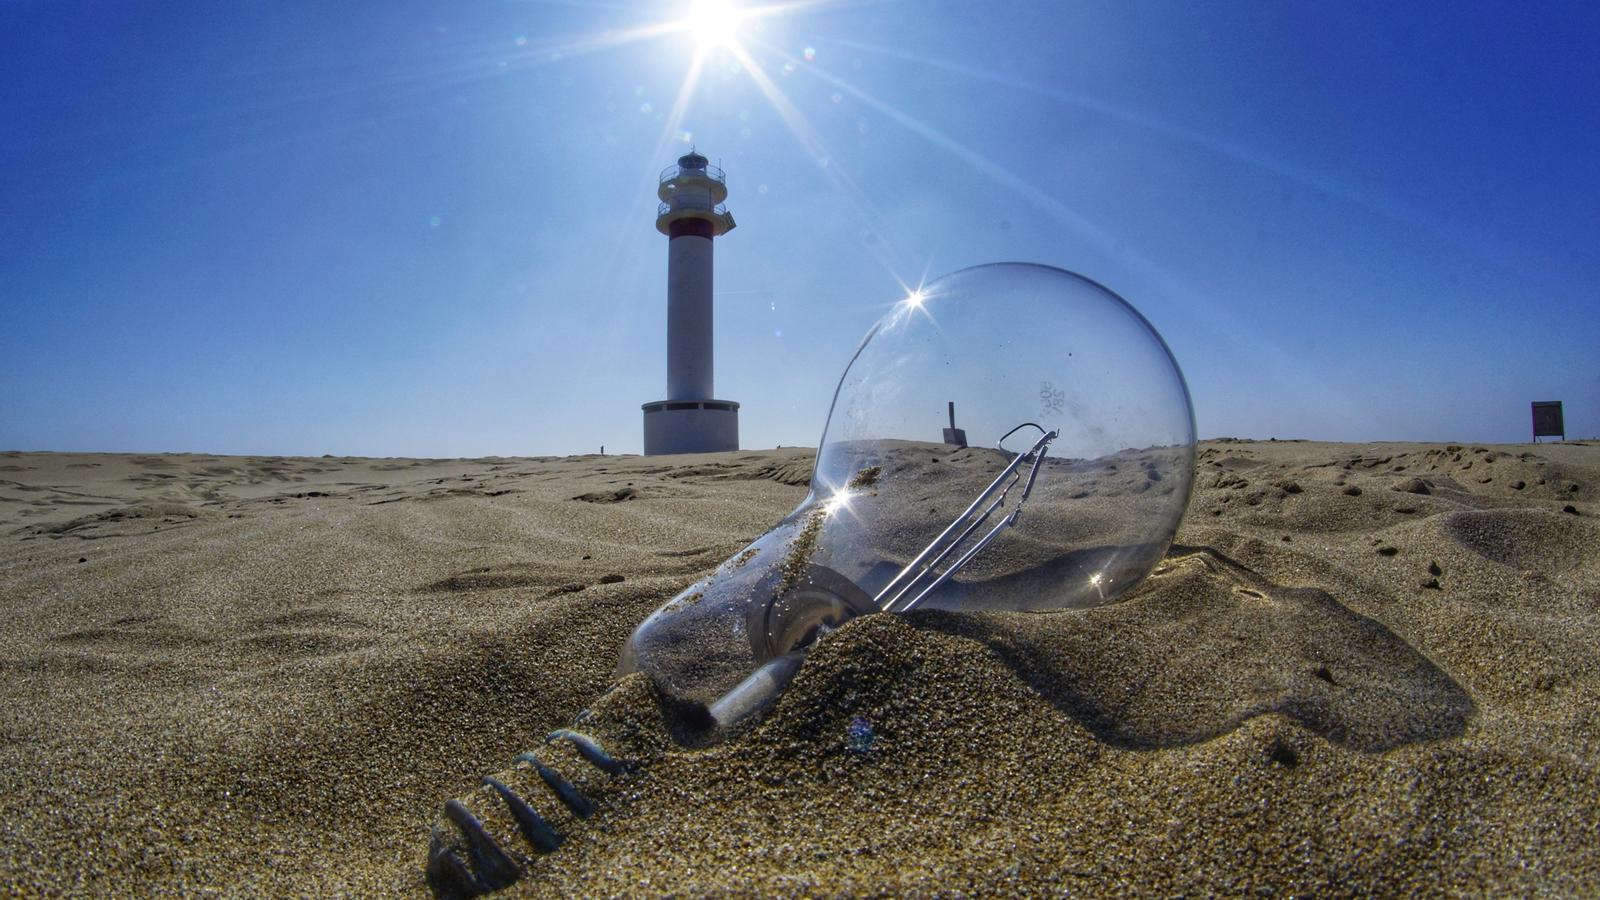 Nombroses institucions meteorològiques mundials demanen mesures urgents contra el canvi climàtic